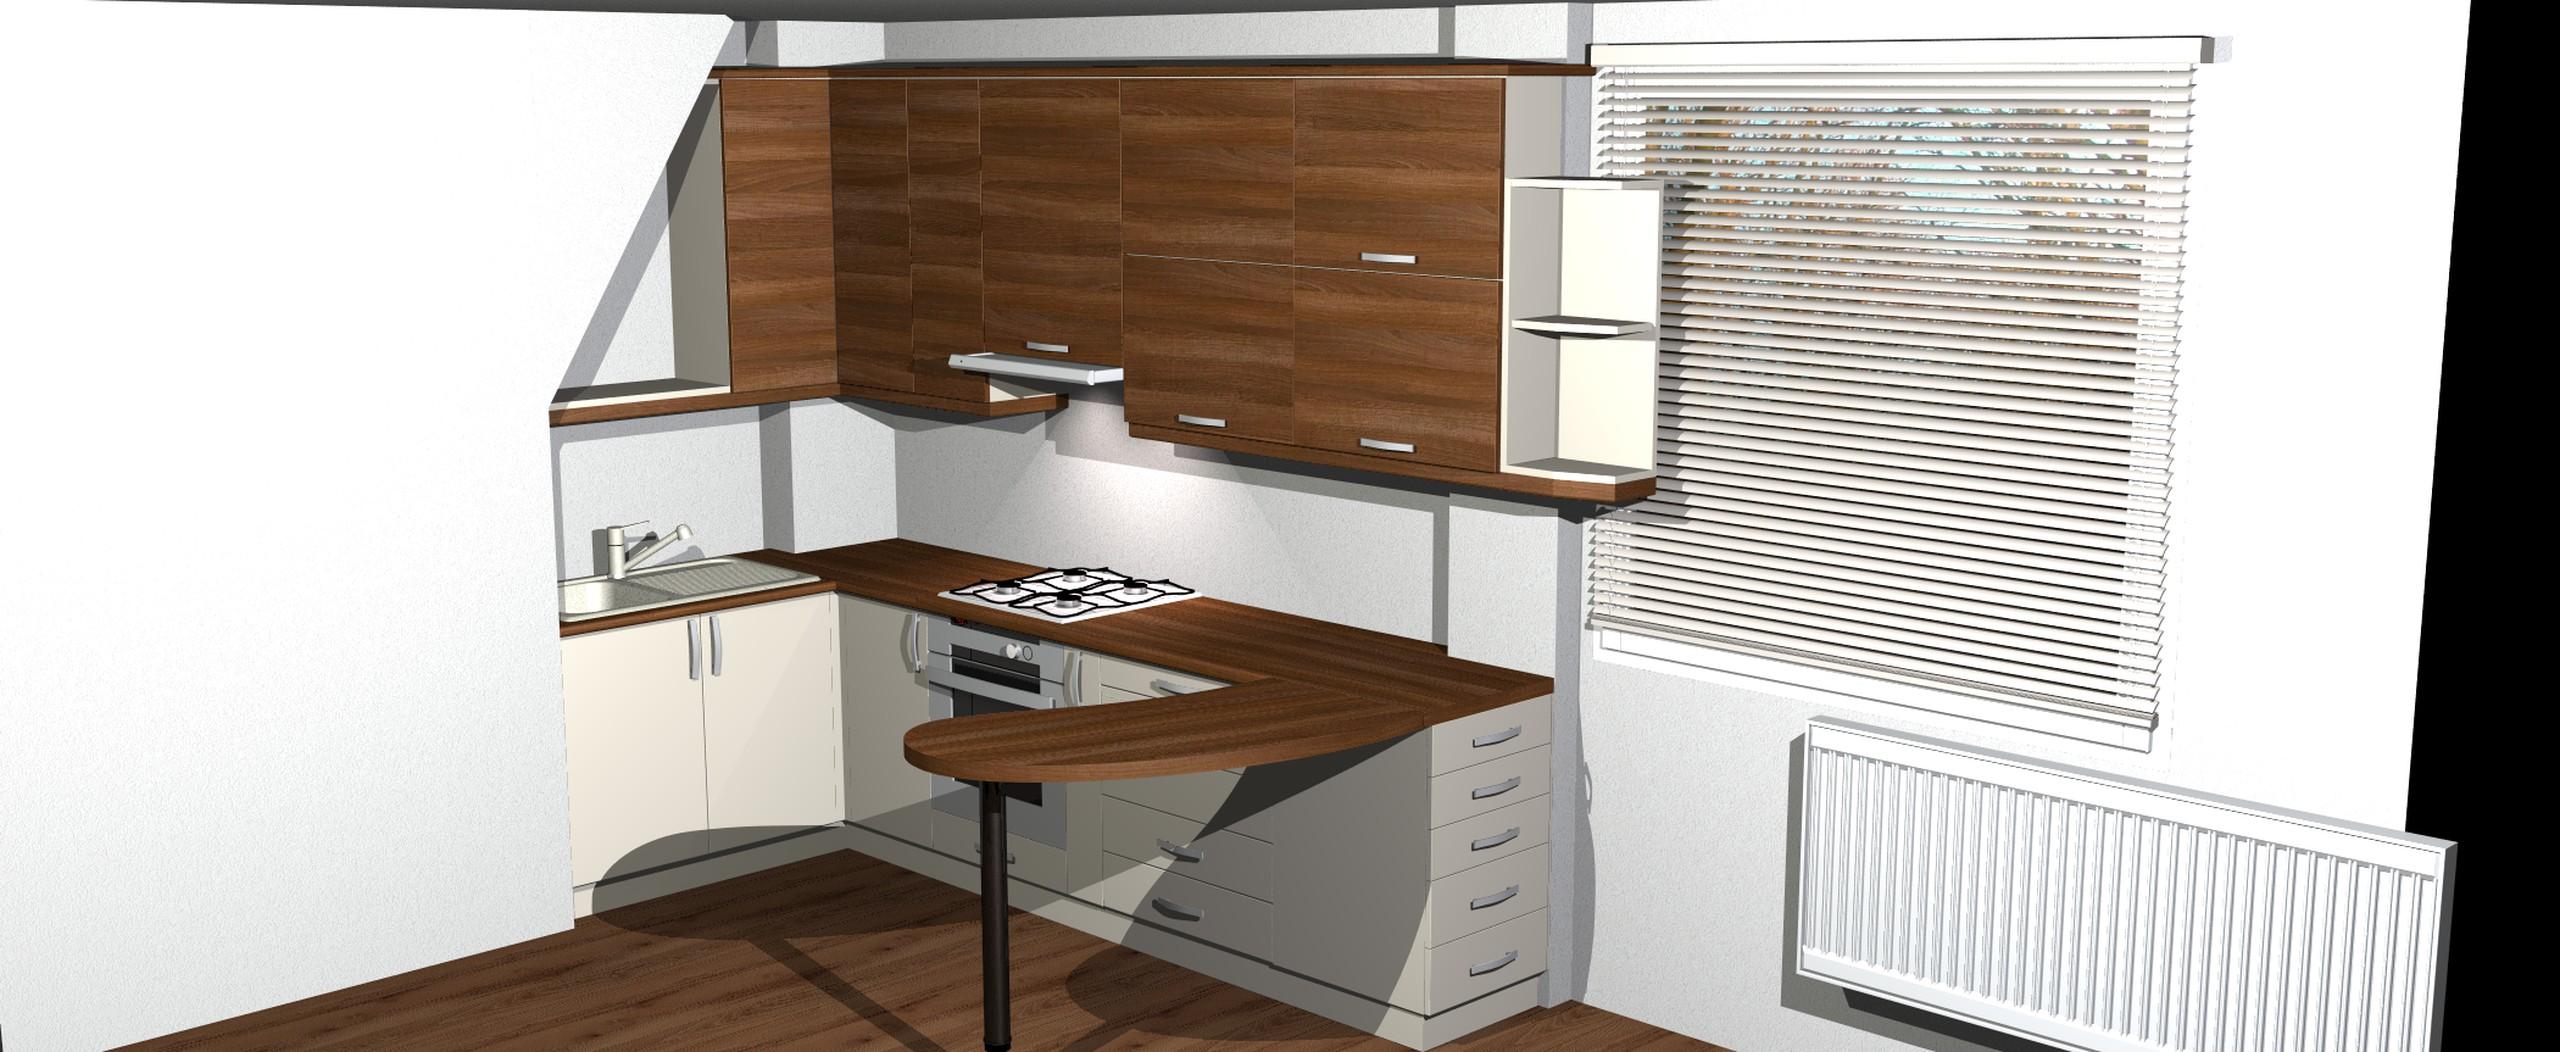 Design-Asztalos - Egyedi bútorgyártás menete